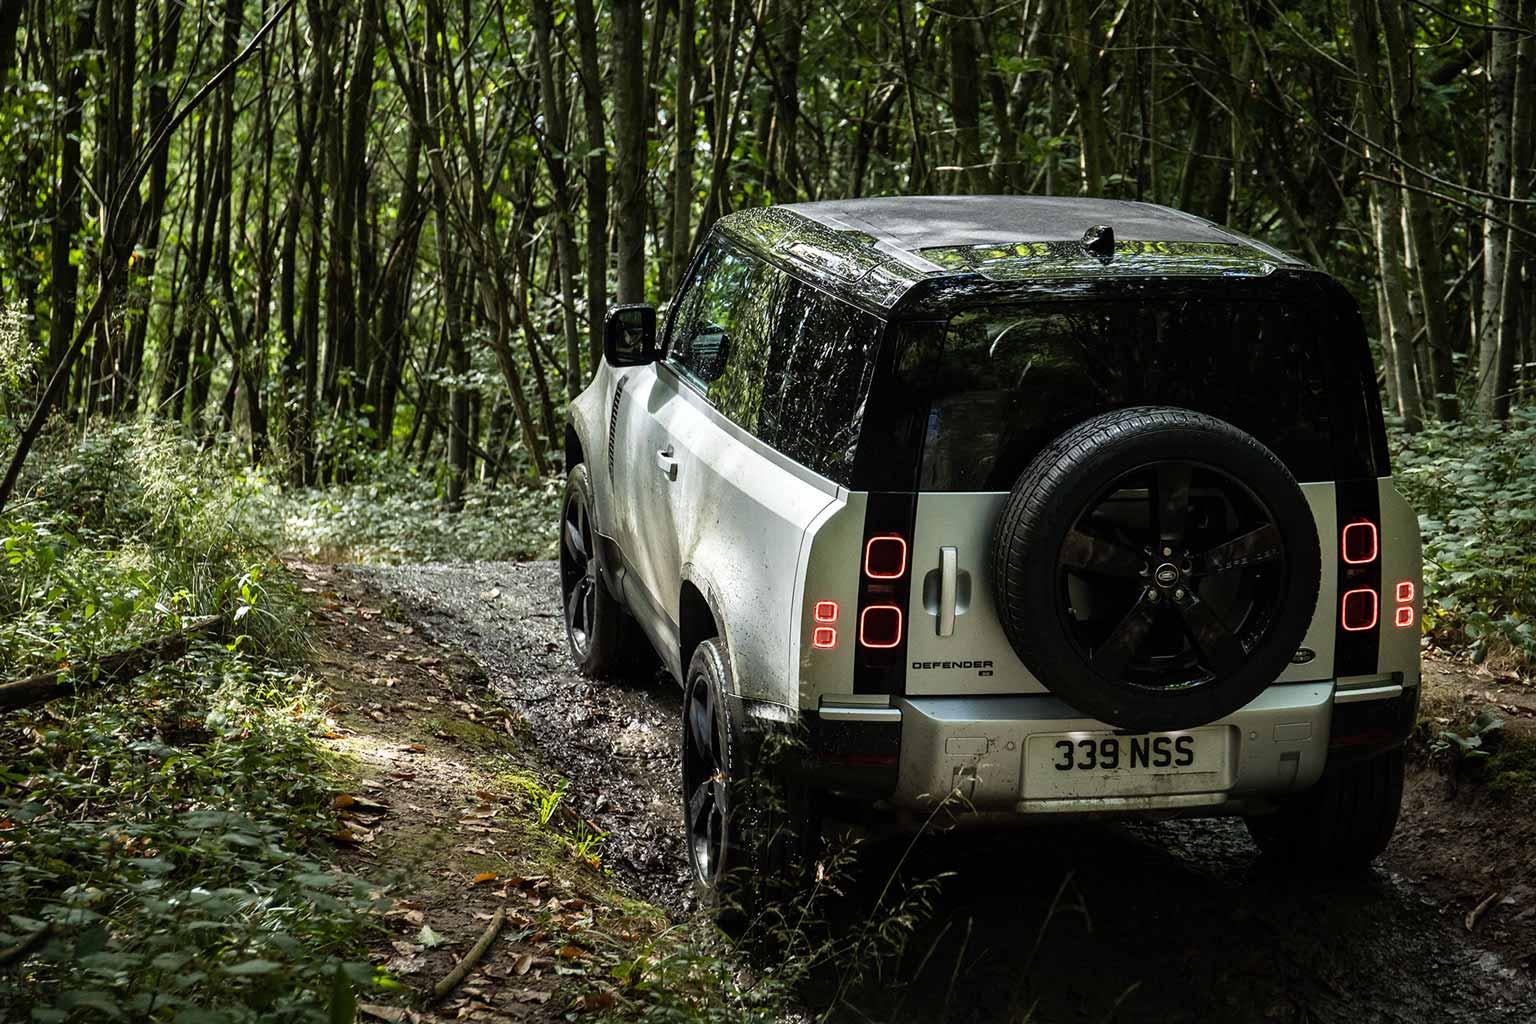 2020 Land Rover Defender 90 Off-road